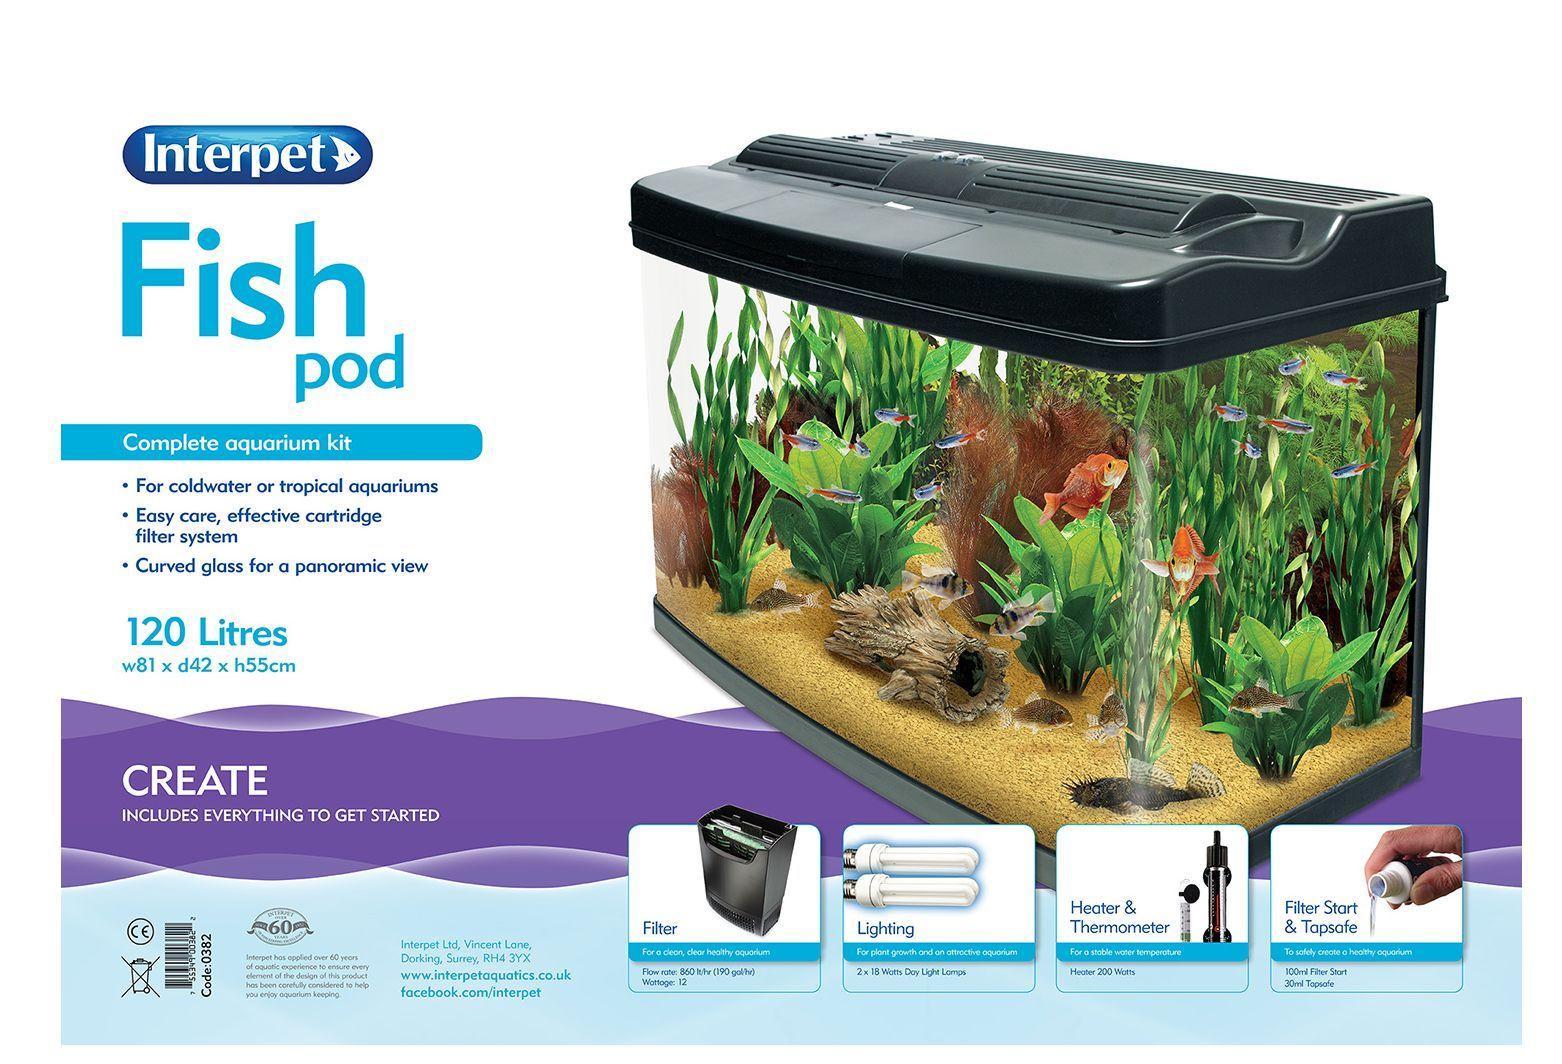 Interpet fish pod 120 litre aquarium tank complete set up for Aquarium 120 litres